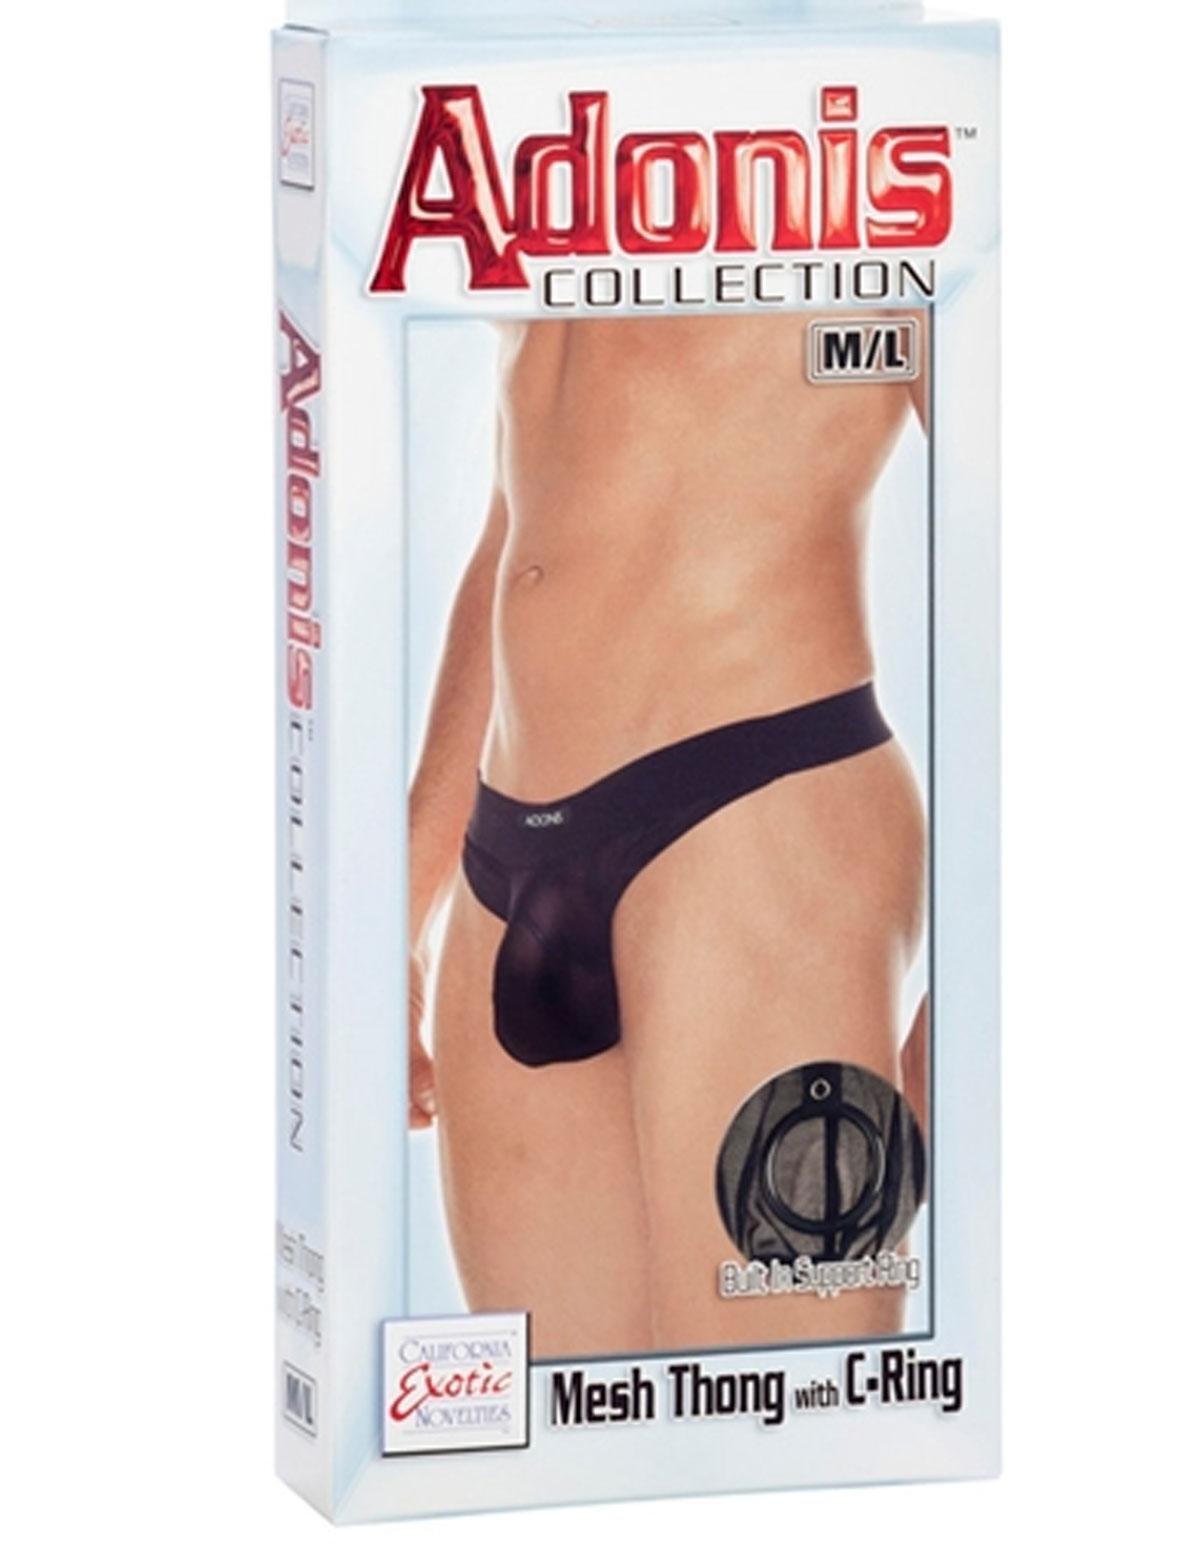 Adonis C-Ring Thong